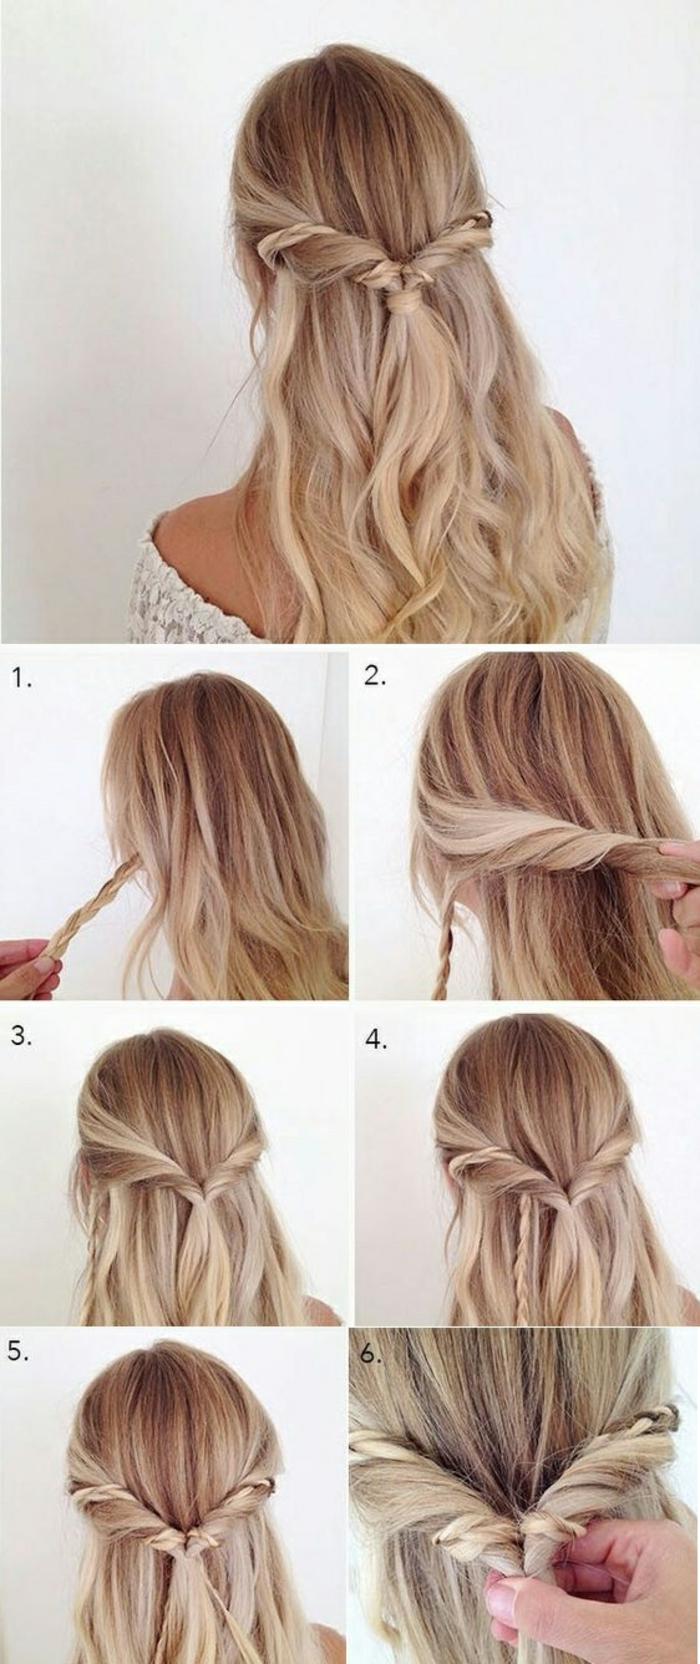 frau mit blonden haaren und schöner flechtfrisur